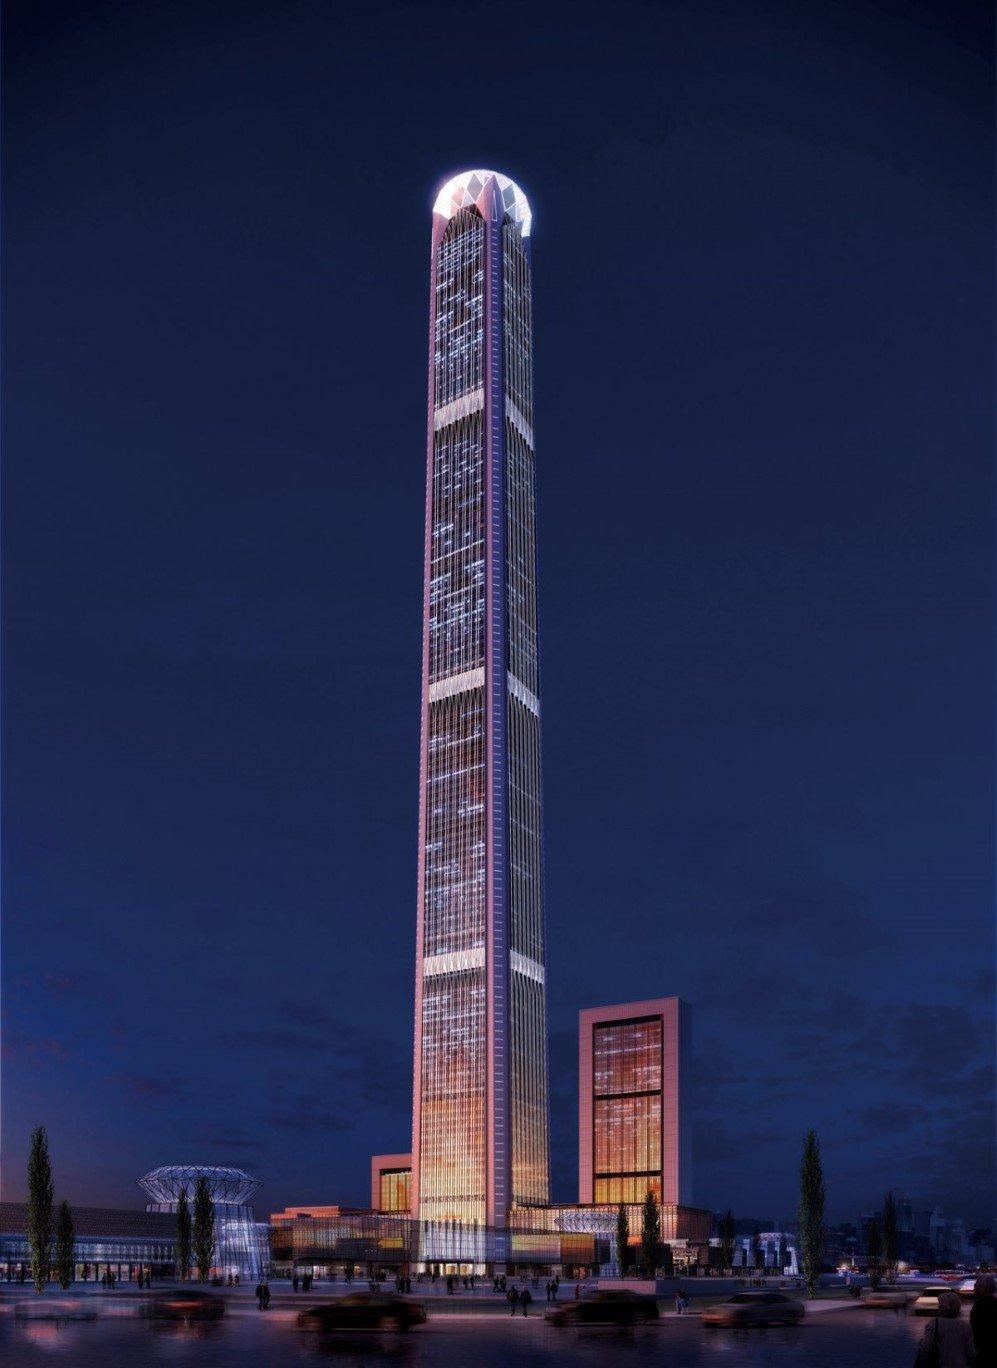 5. Goldin Finance 117, Tianjin, China